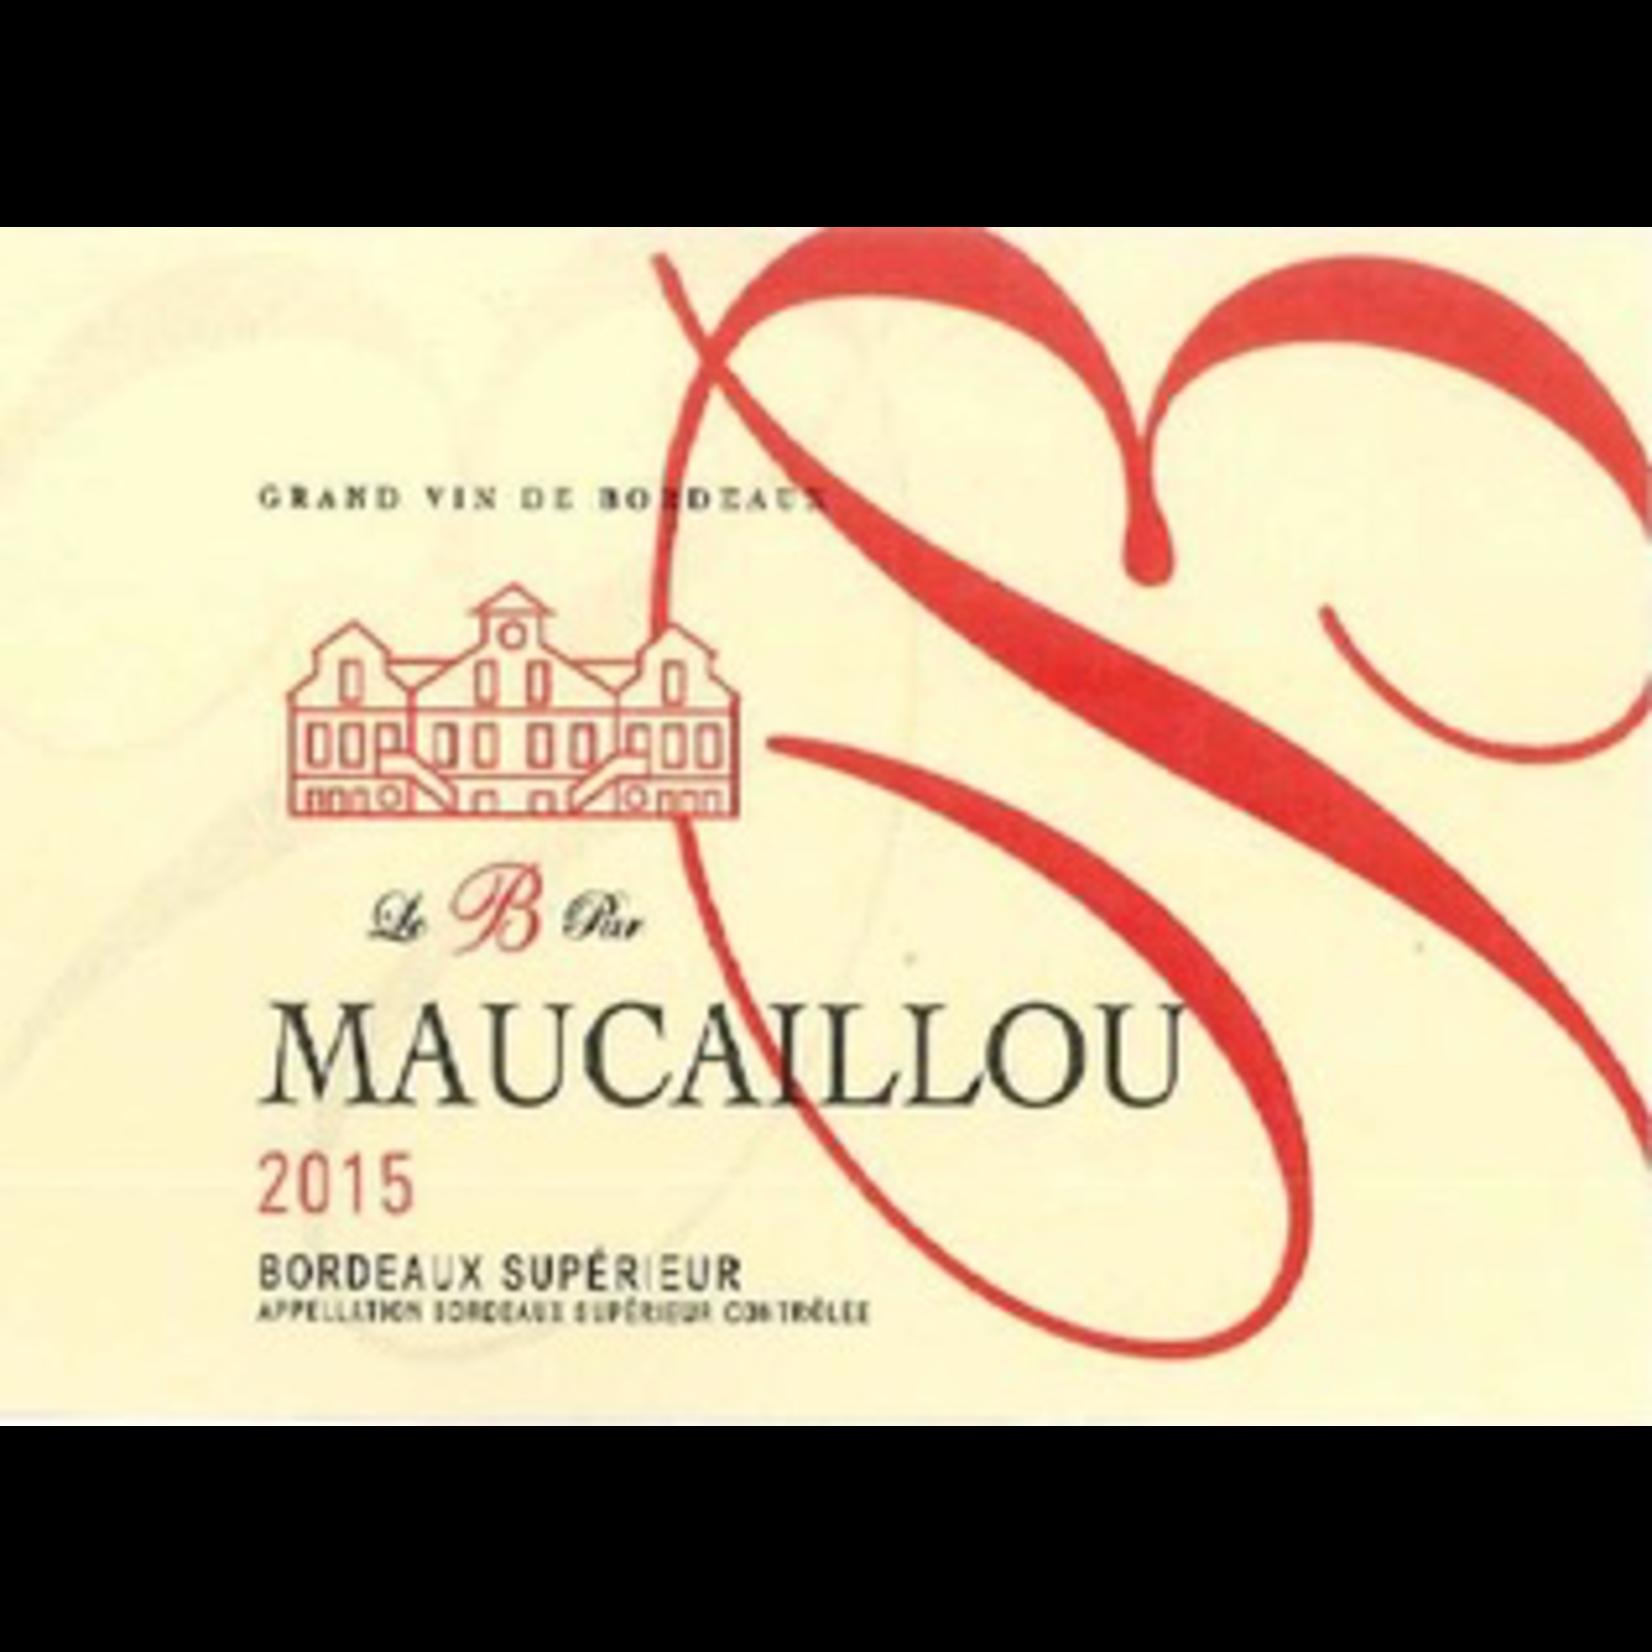 Wine Chateau Maucaillou Le B Par Bordeaux Superieur 2016